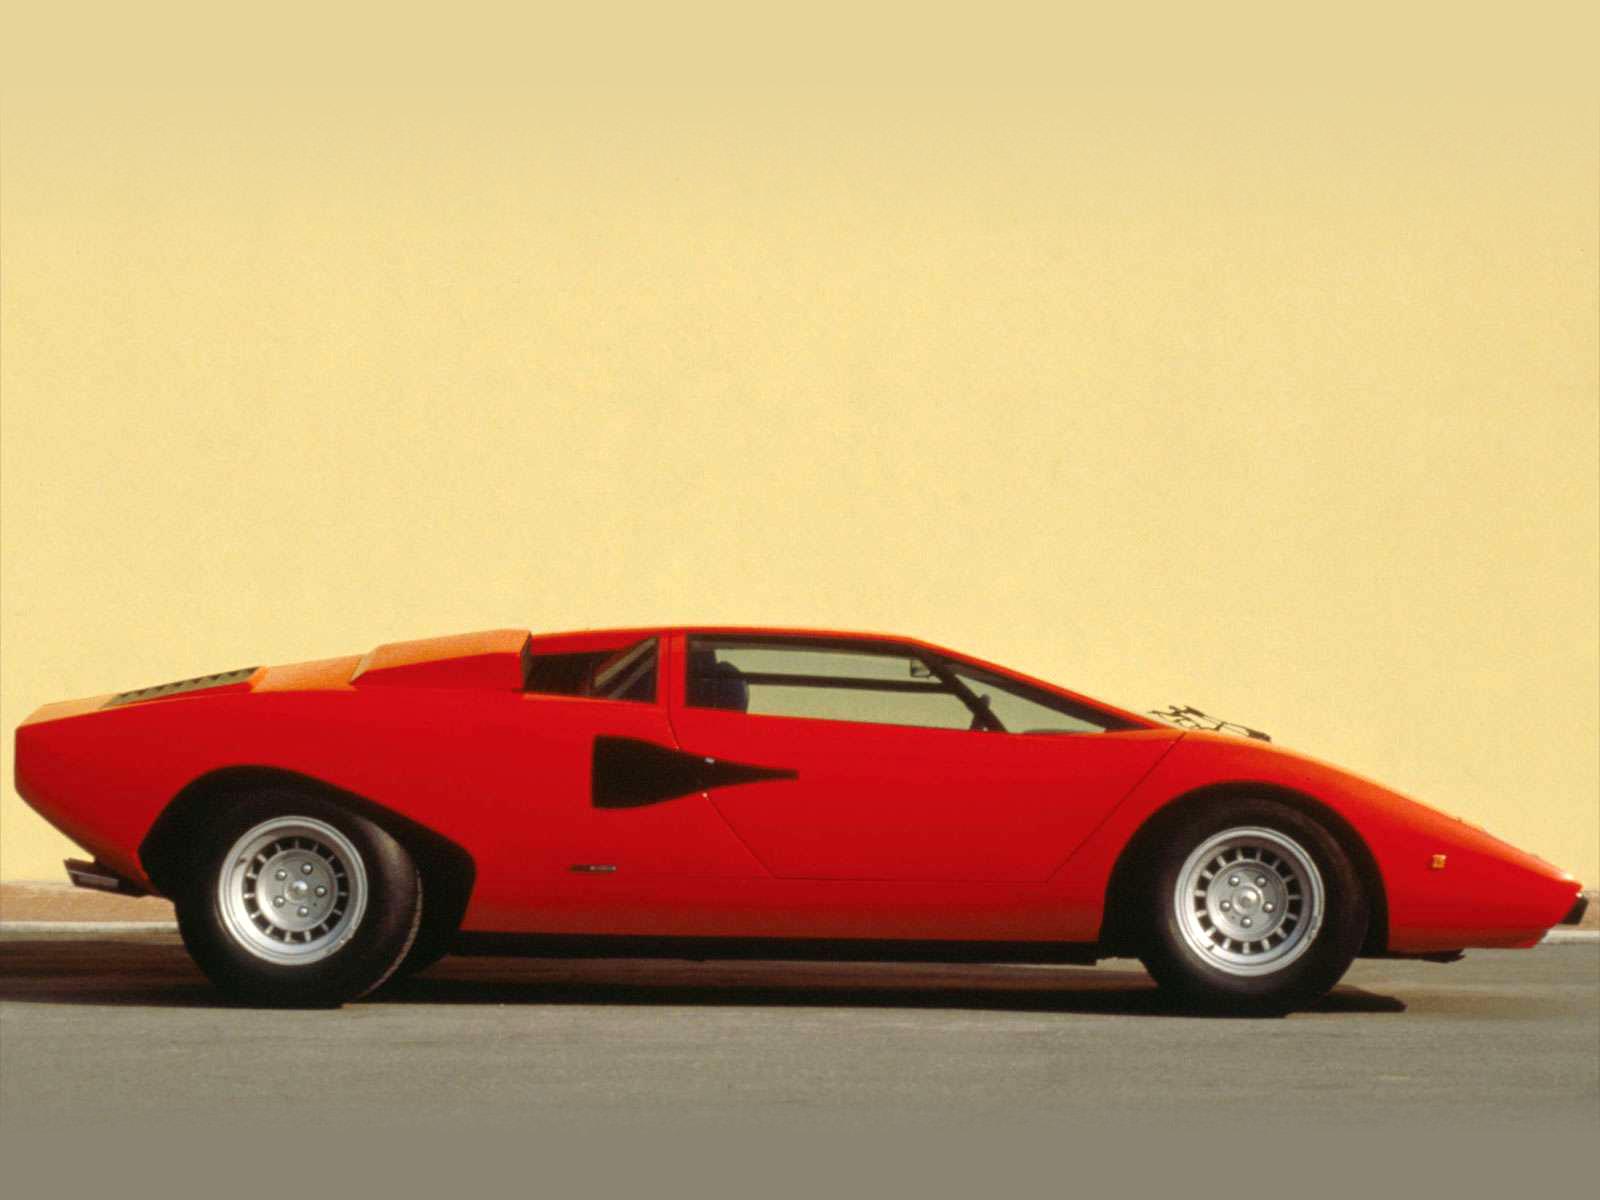 1985 Countach Quattrovalvole Lamborghini Pictures